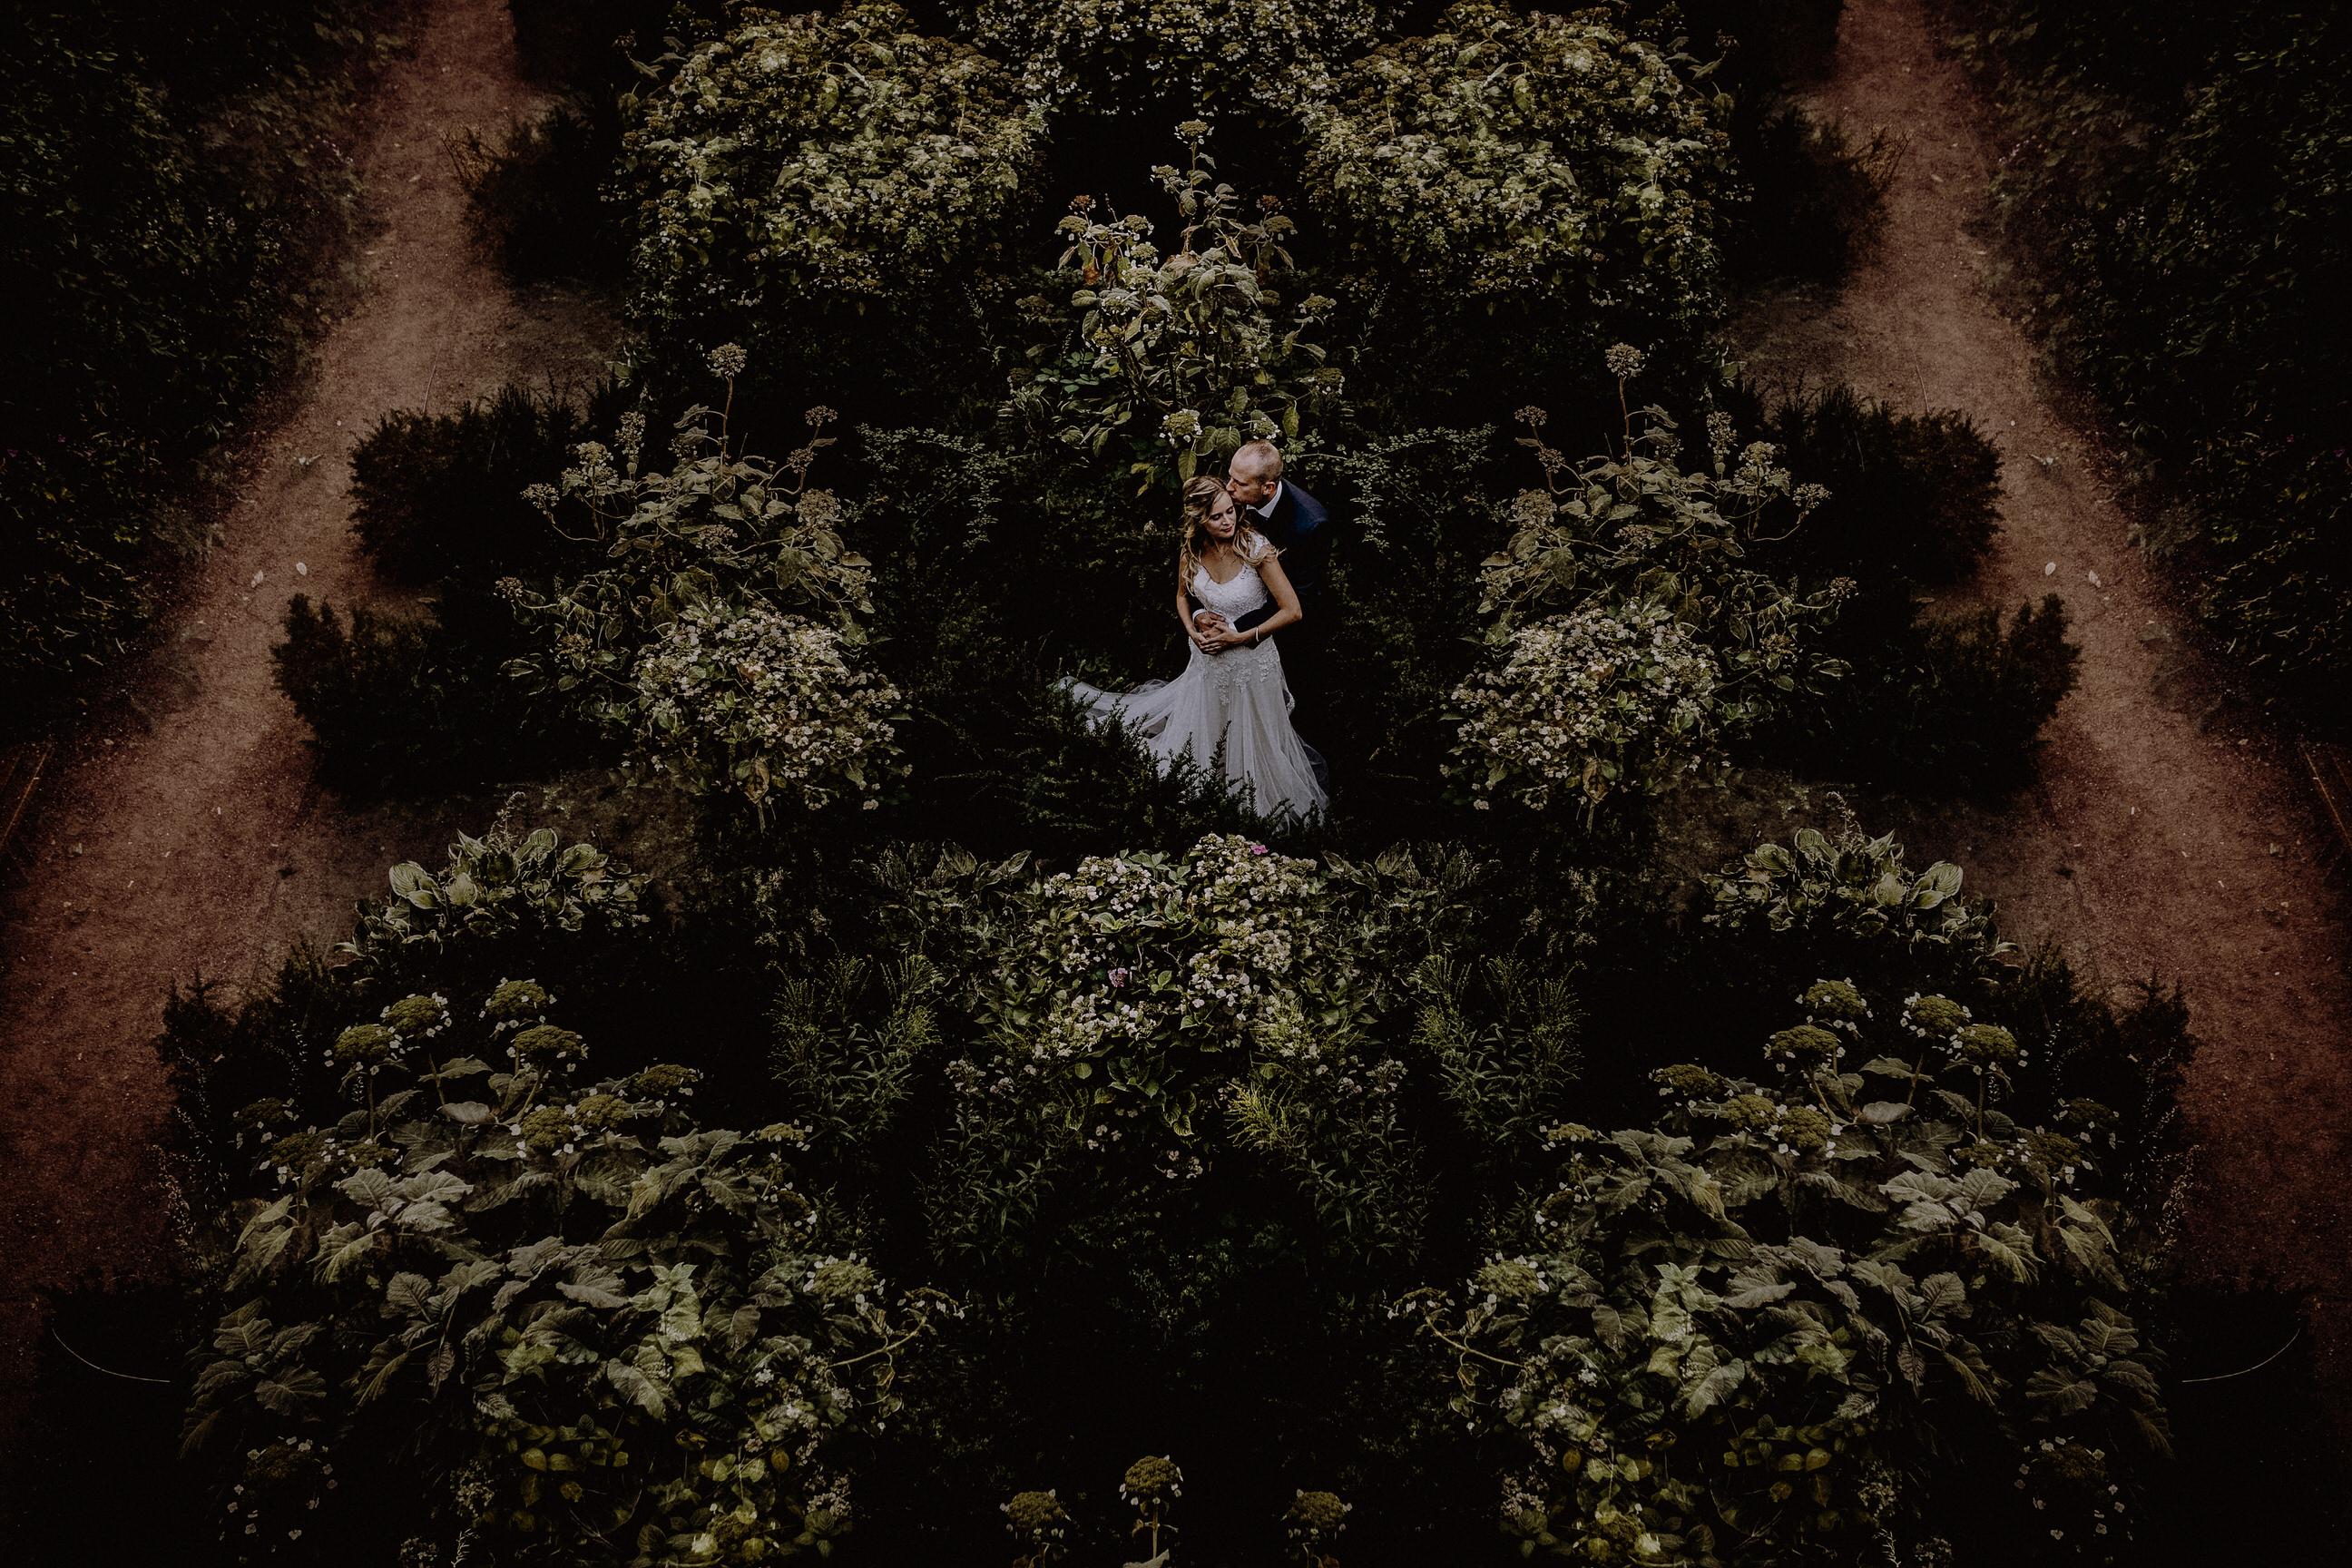 5022bClaudia Naruhn  Hochzeitsfotograf L